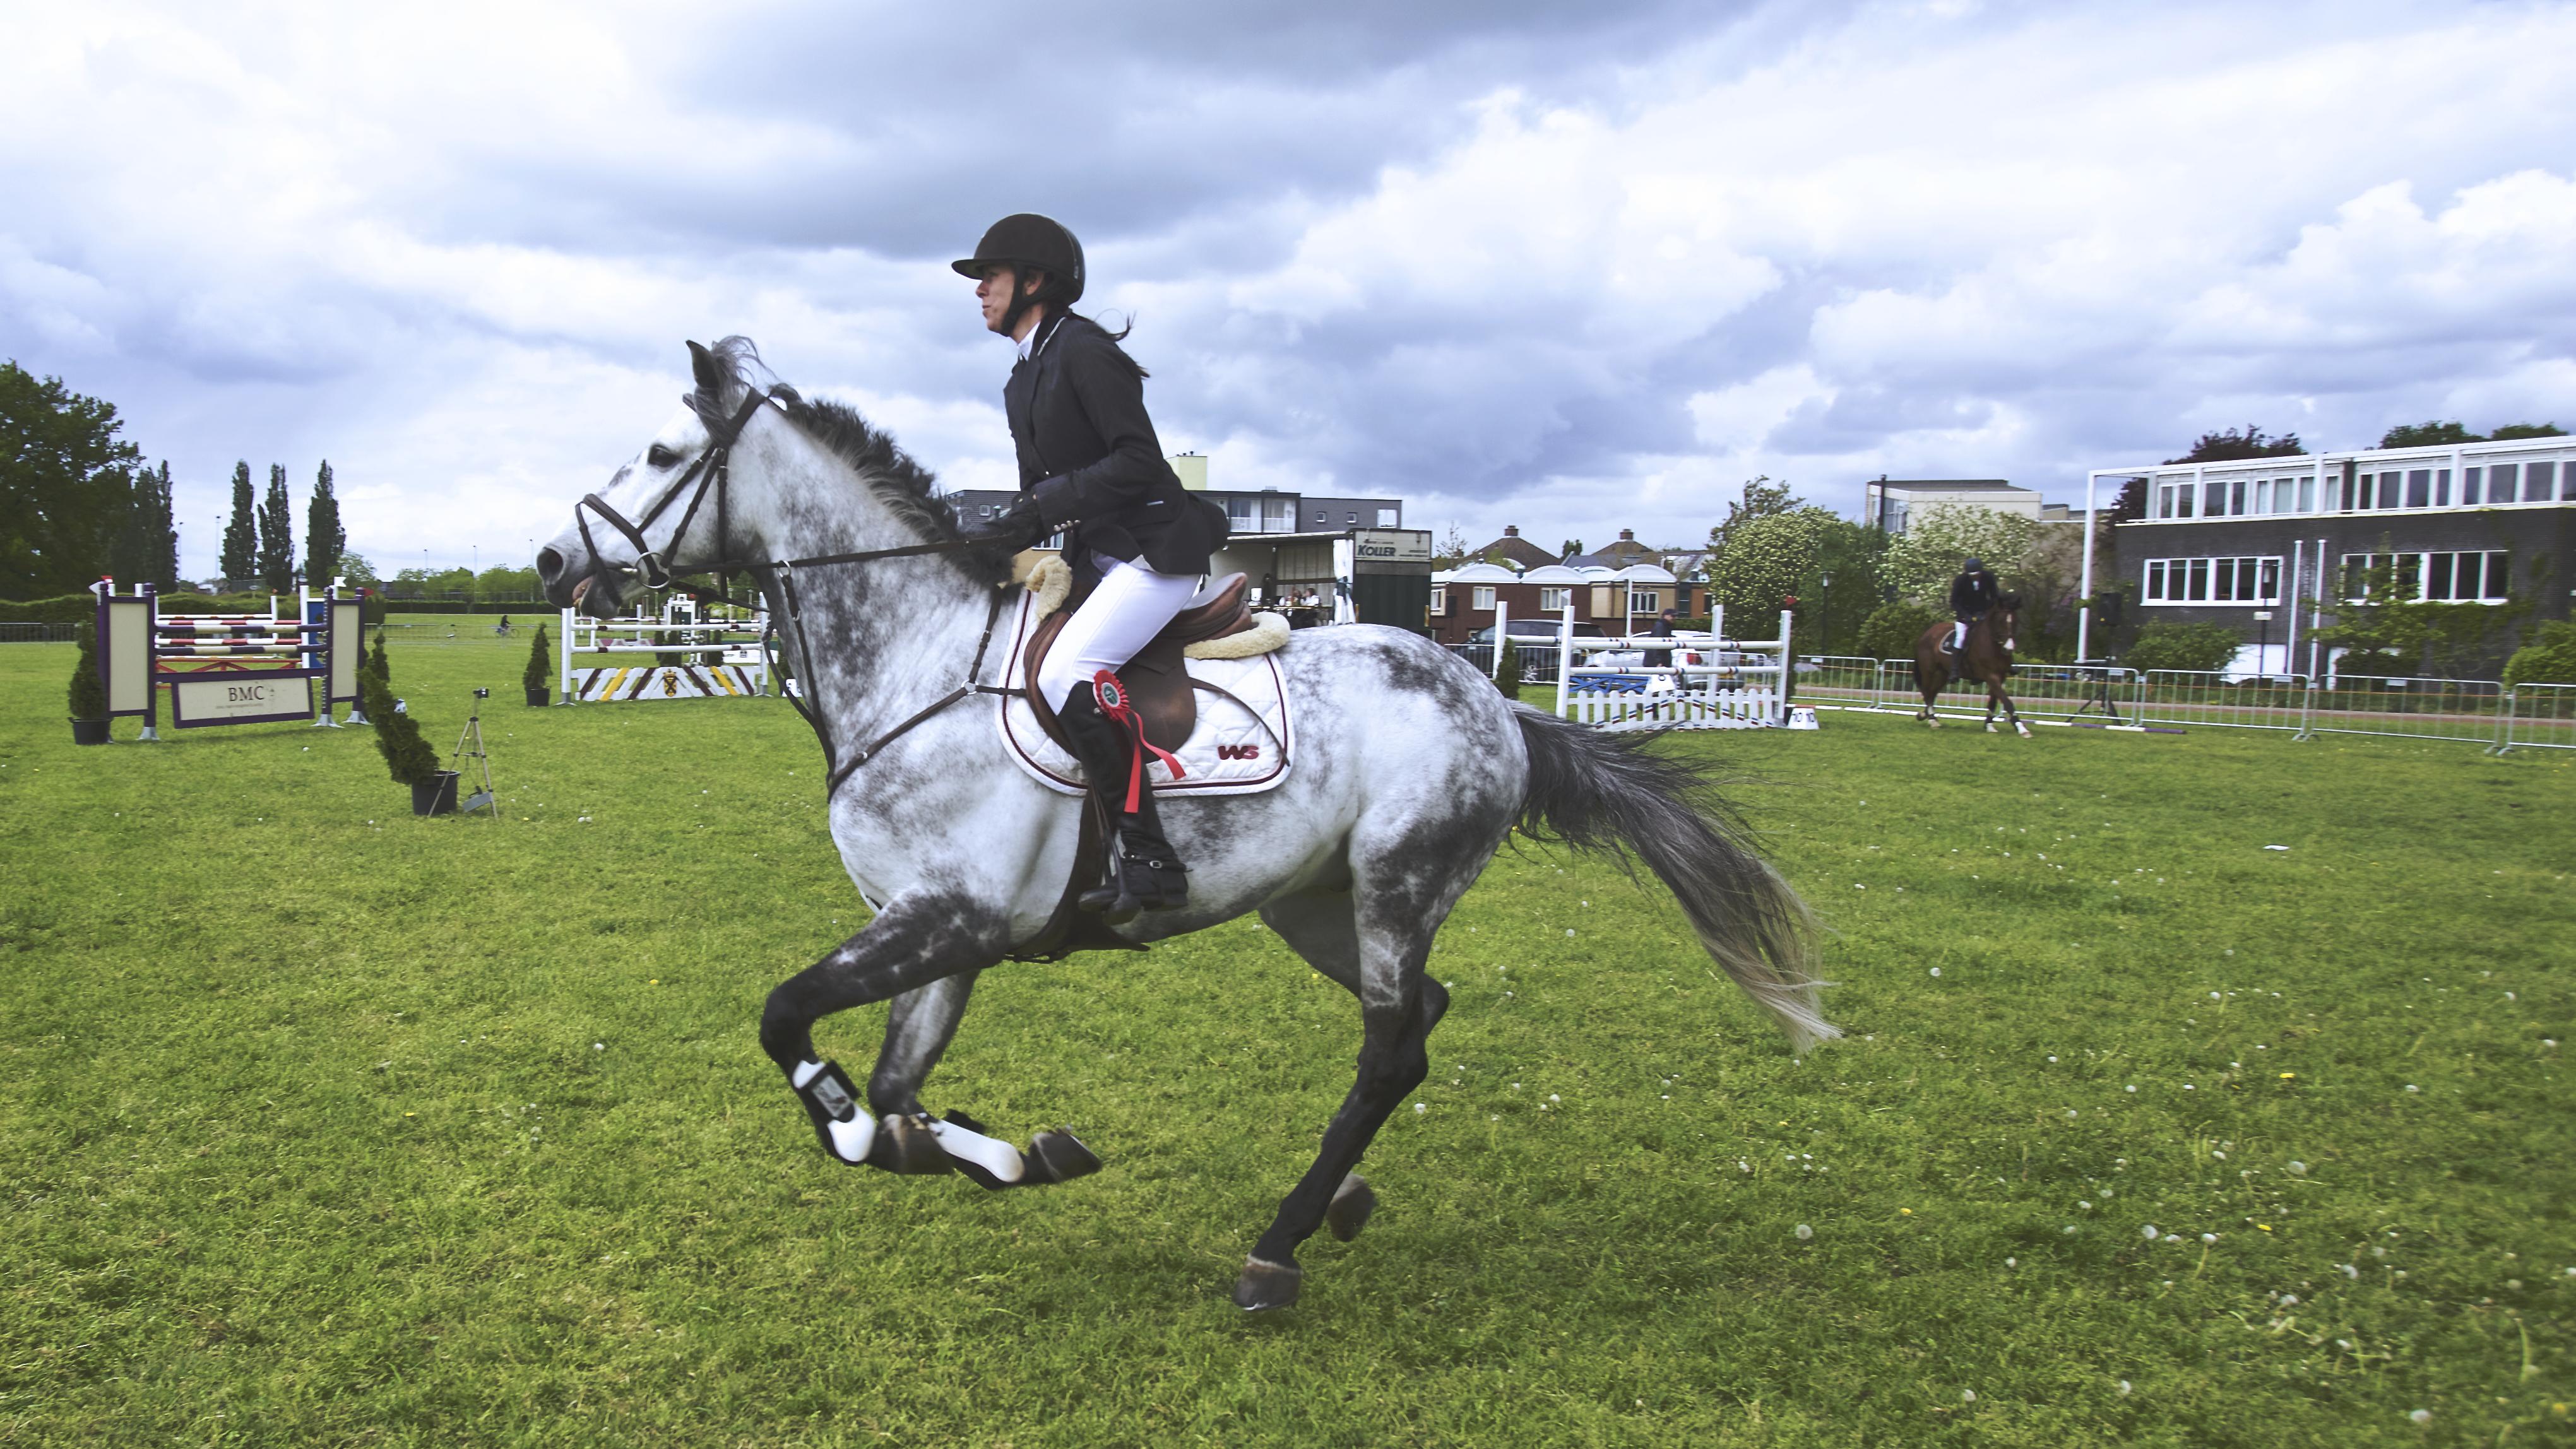 馬にまたがる女性の画像